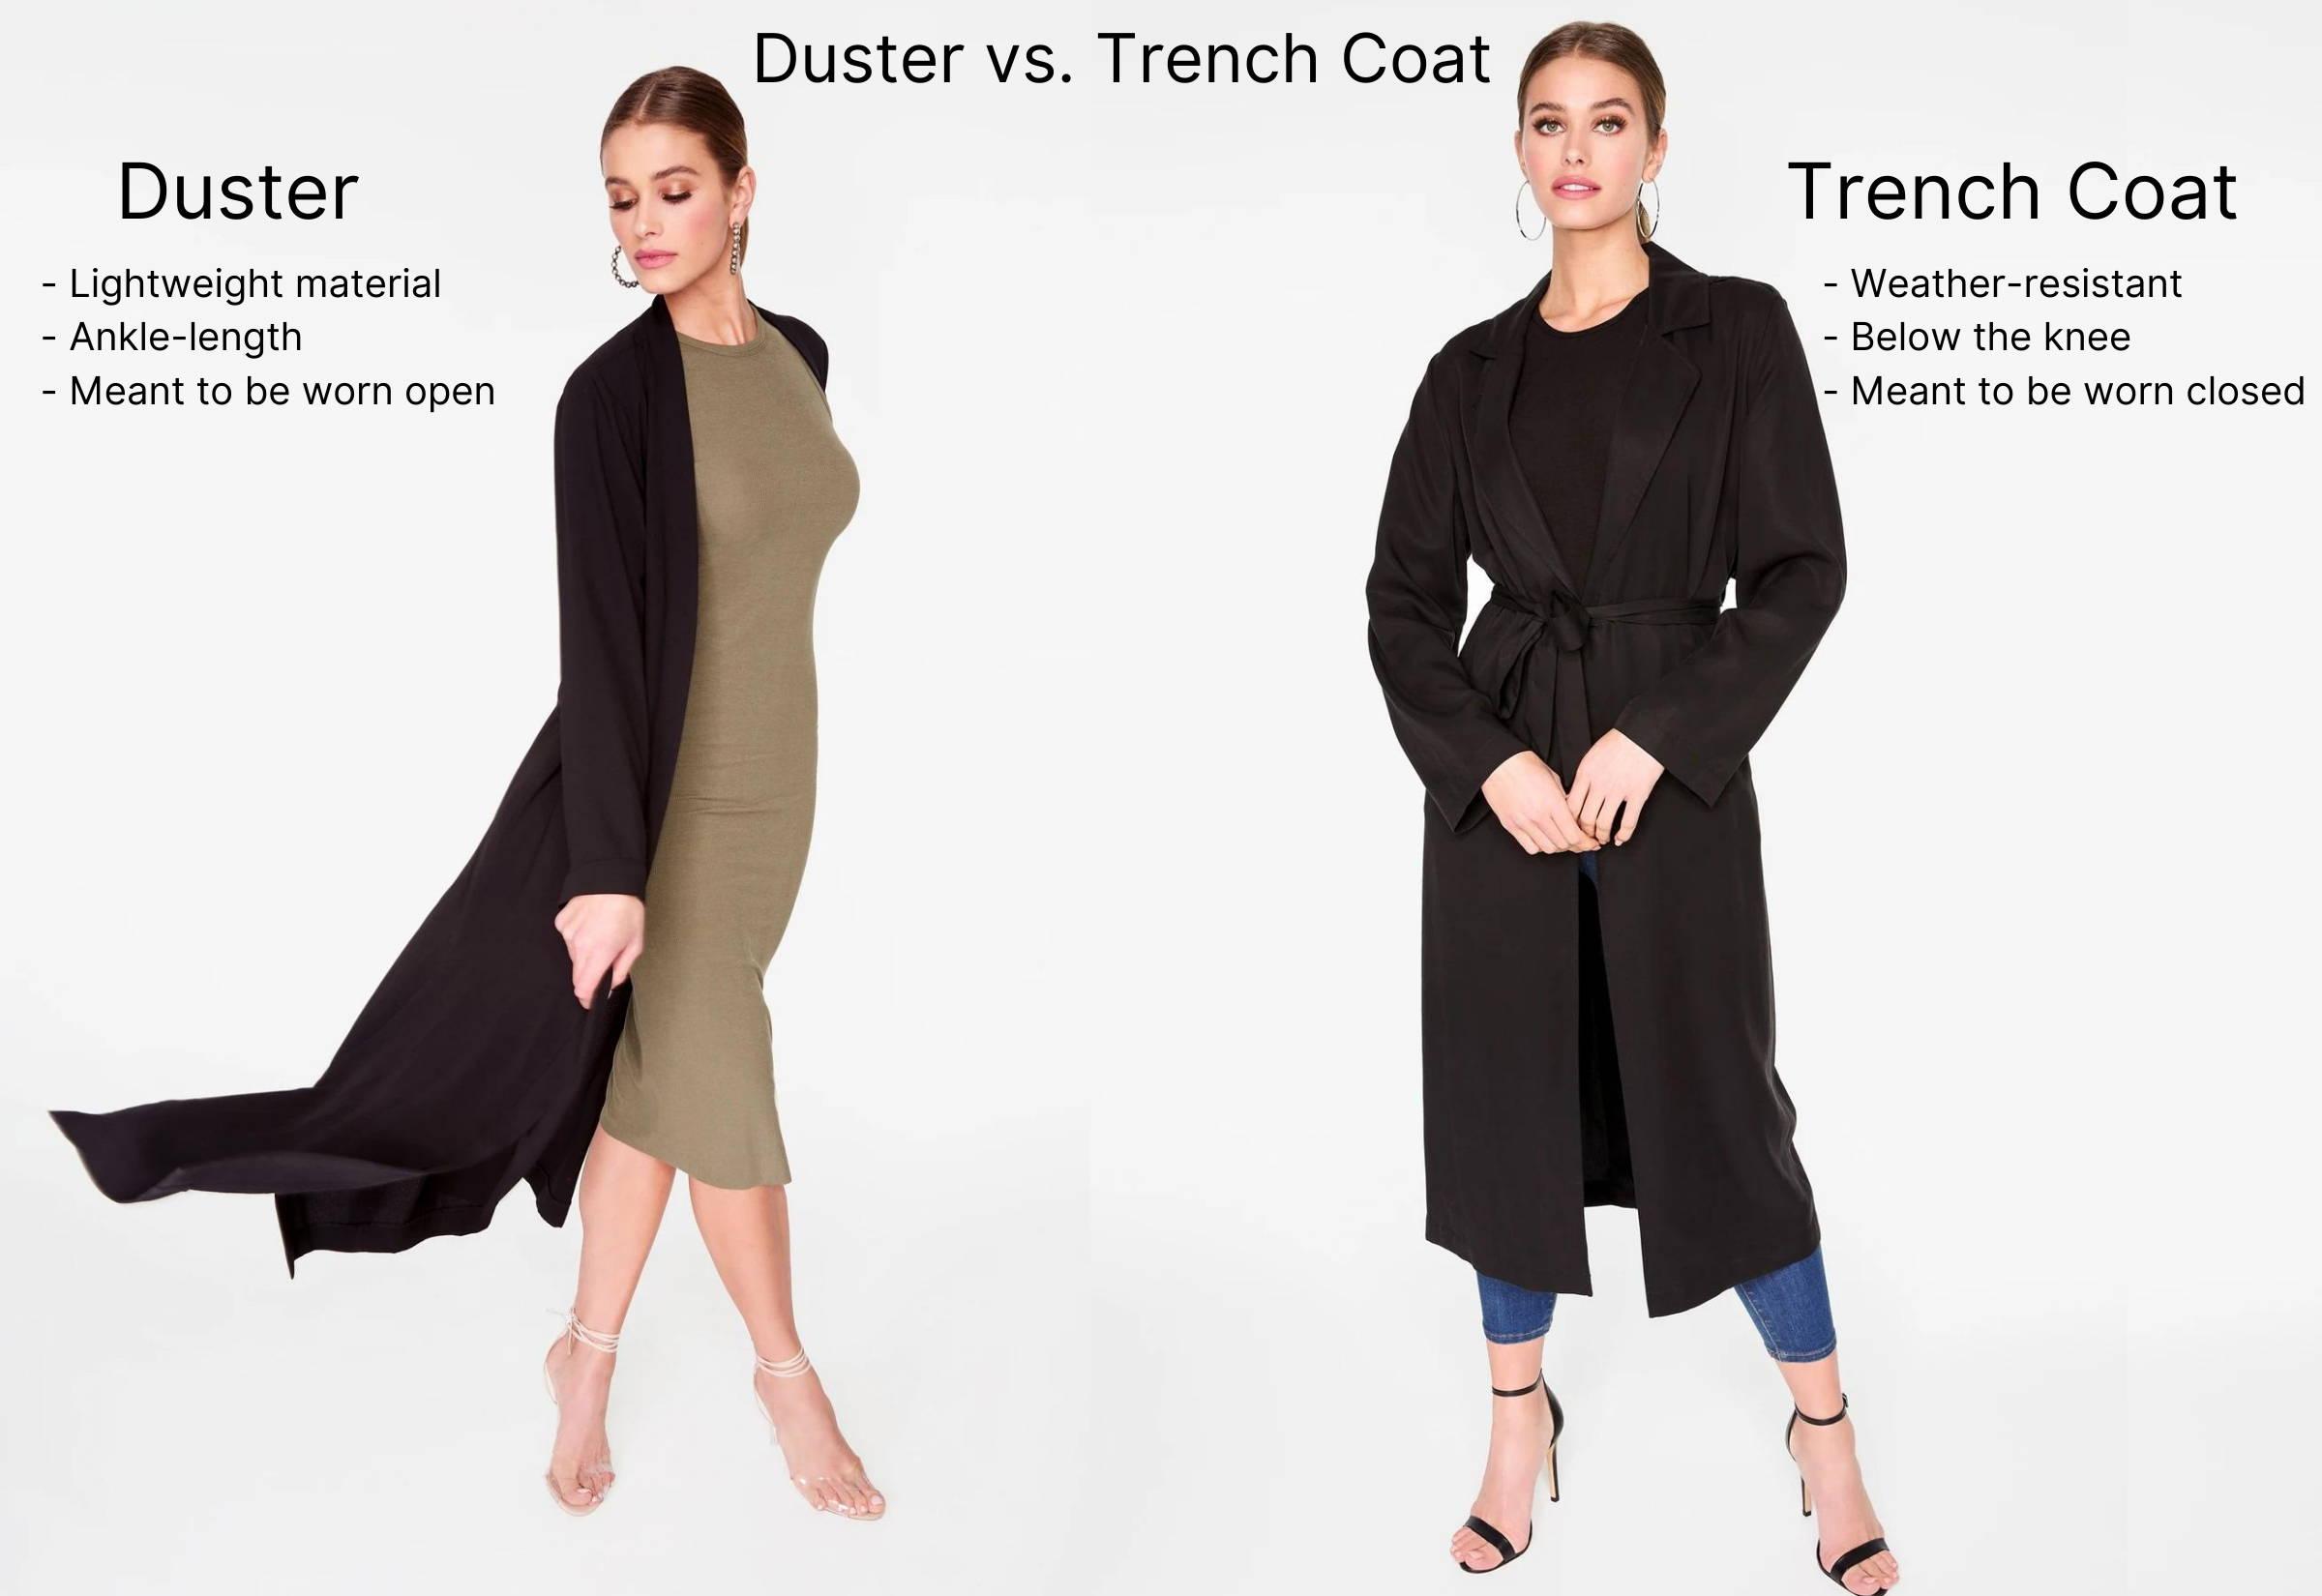 duster vs trench coat